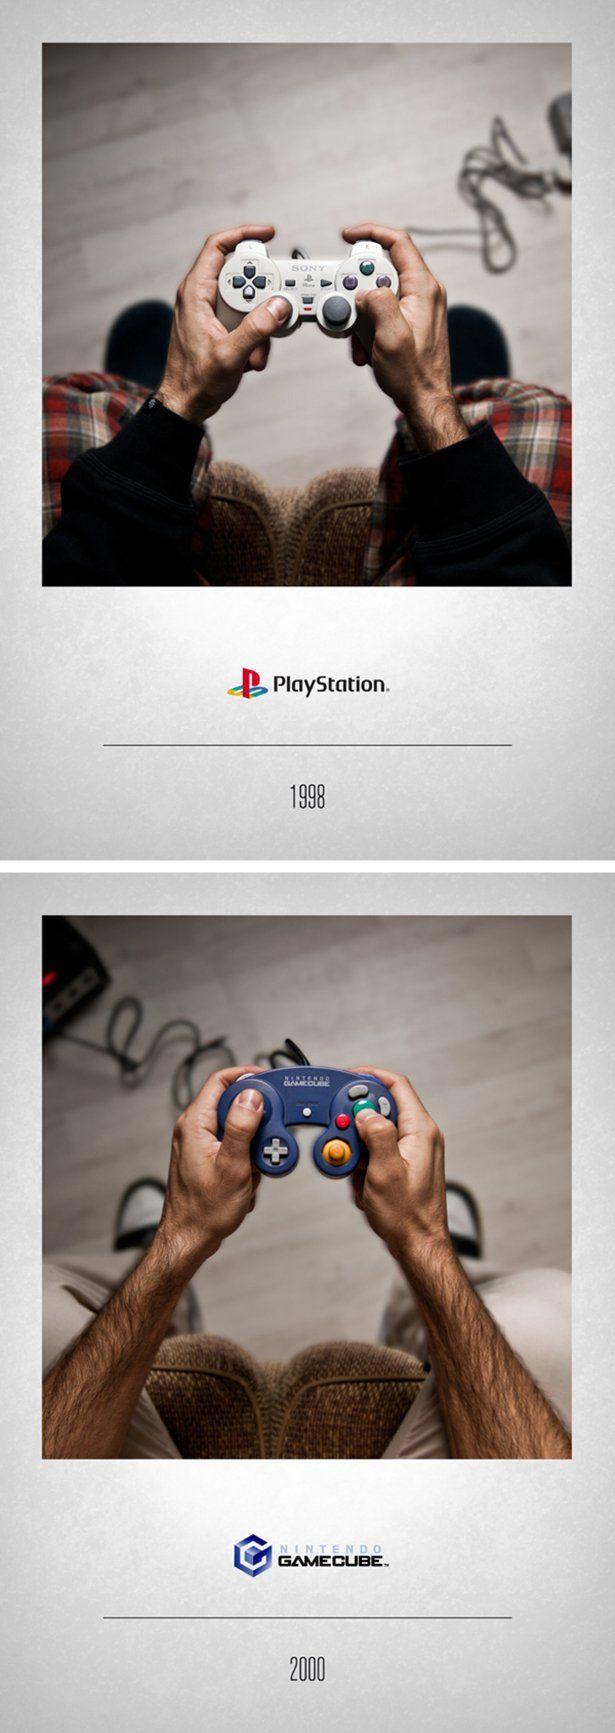 Как эволюционировали джойстики игровых консолей